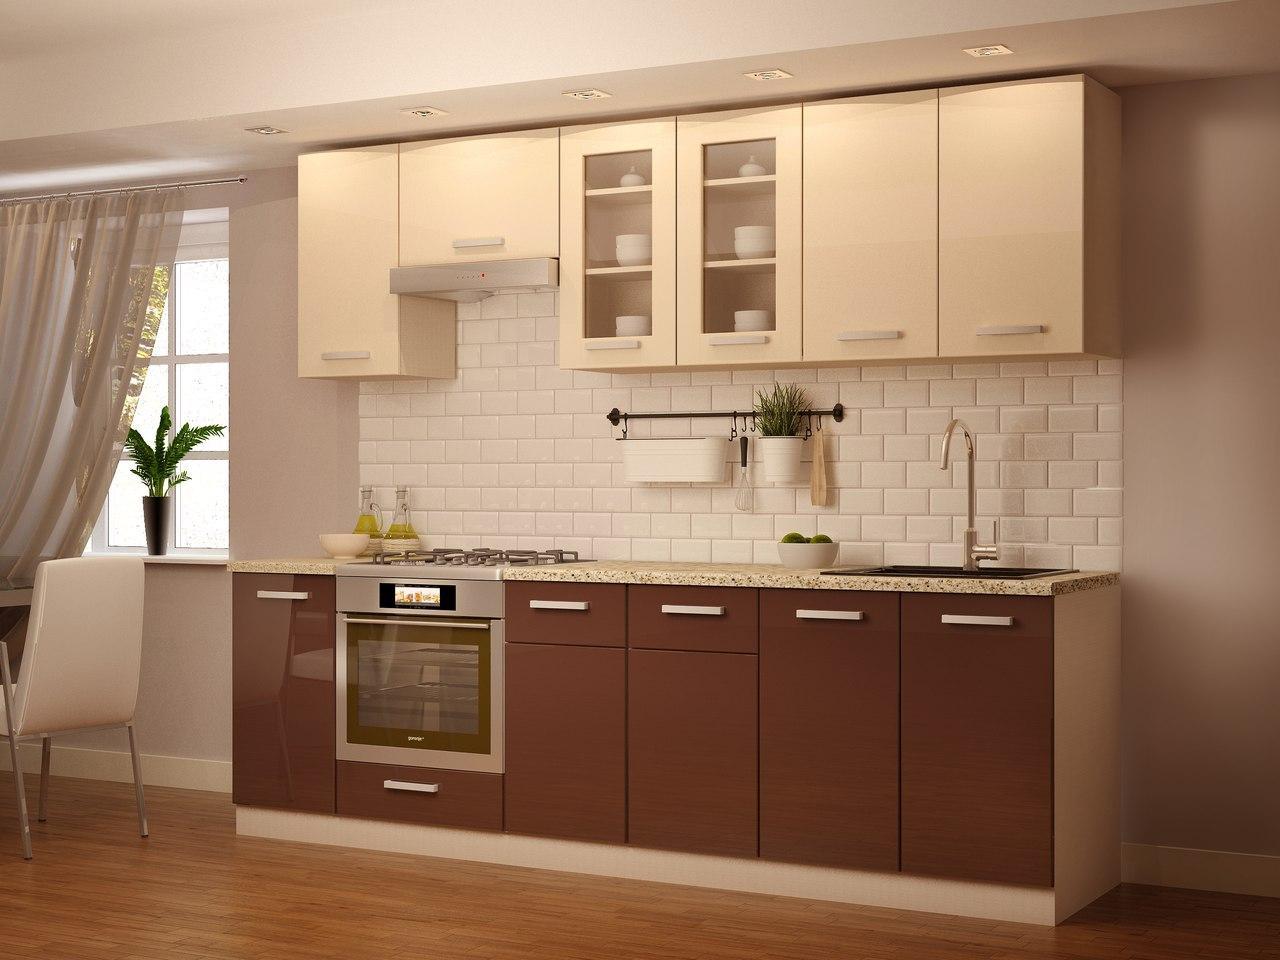 кухня низ шоколад верх ваниль фото анимированные графические